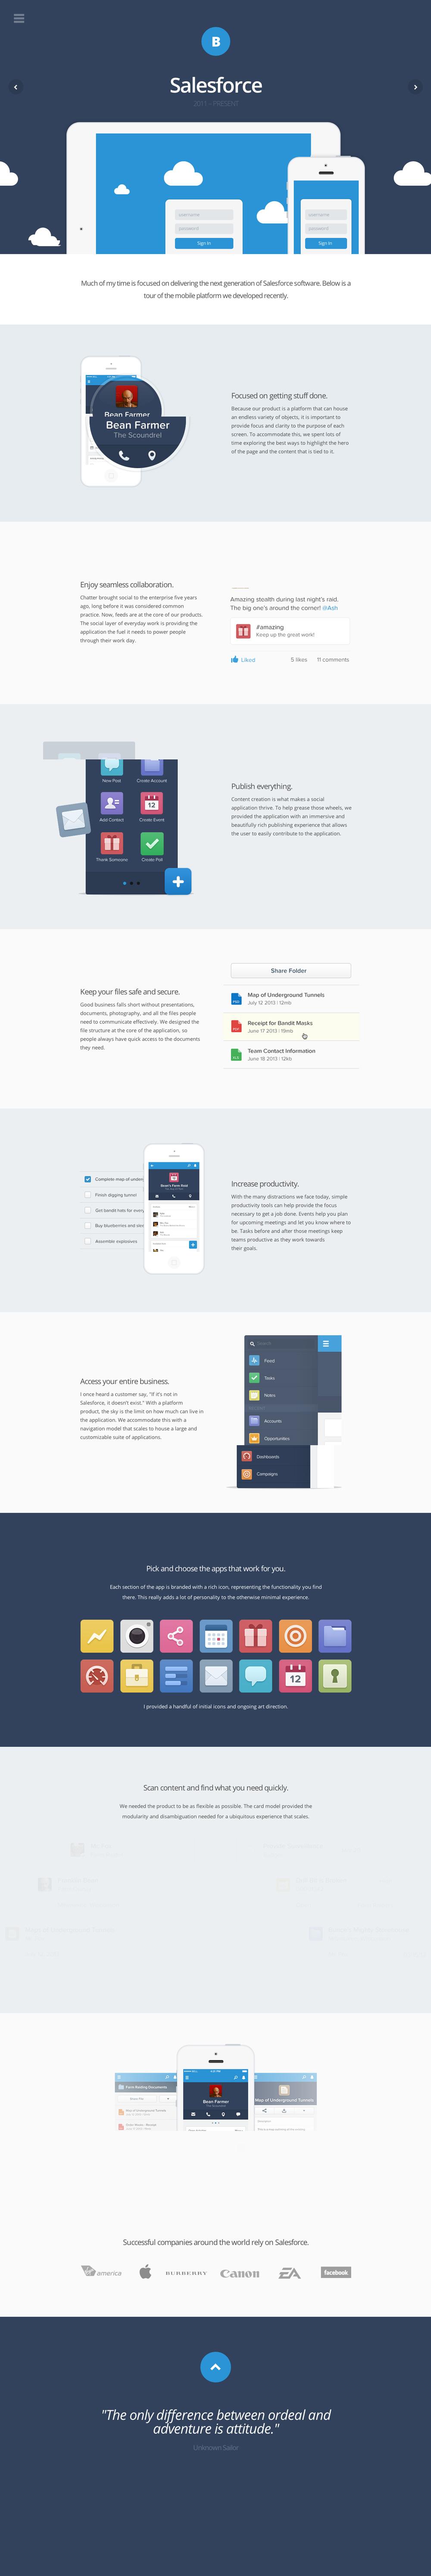 Brad Haynes Product Designer Web Design Best Web Design Web Design Inspiration